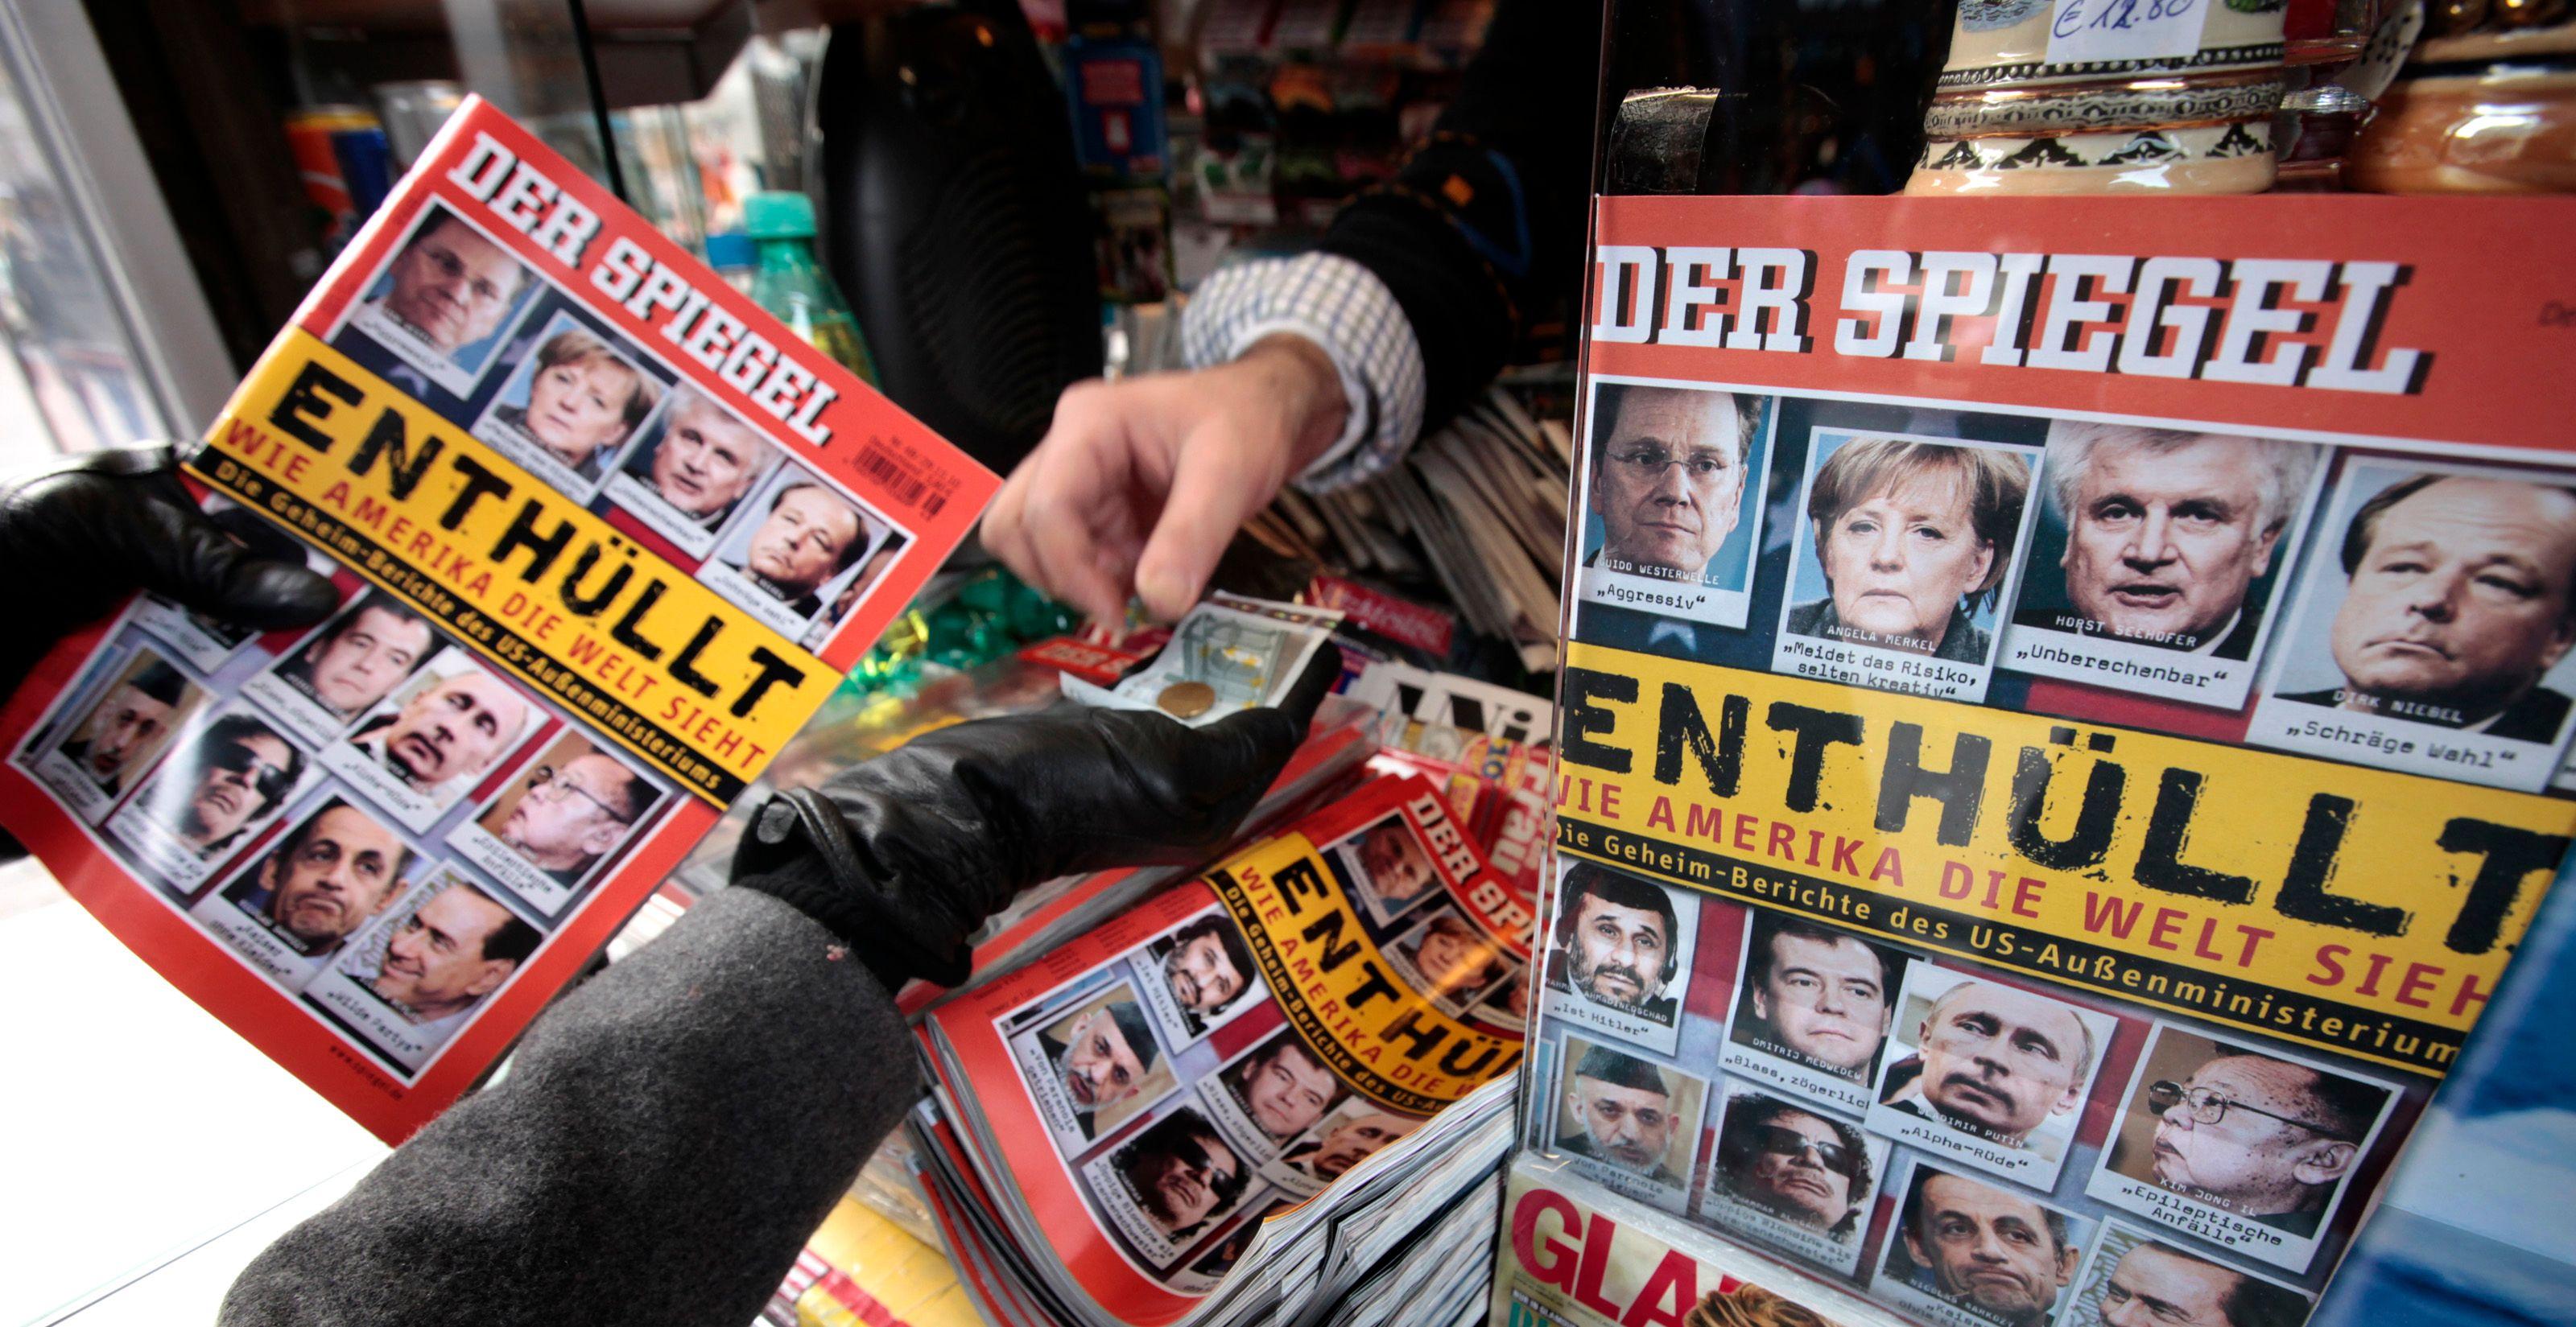 Selon Tuvia Tenenbom, 8 allemands sur 10 sont antisémites